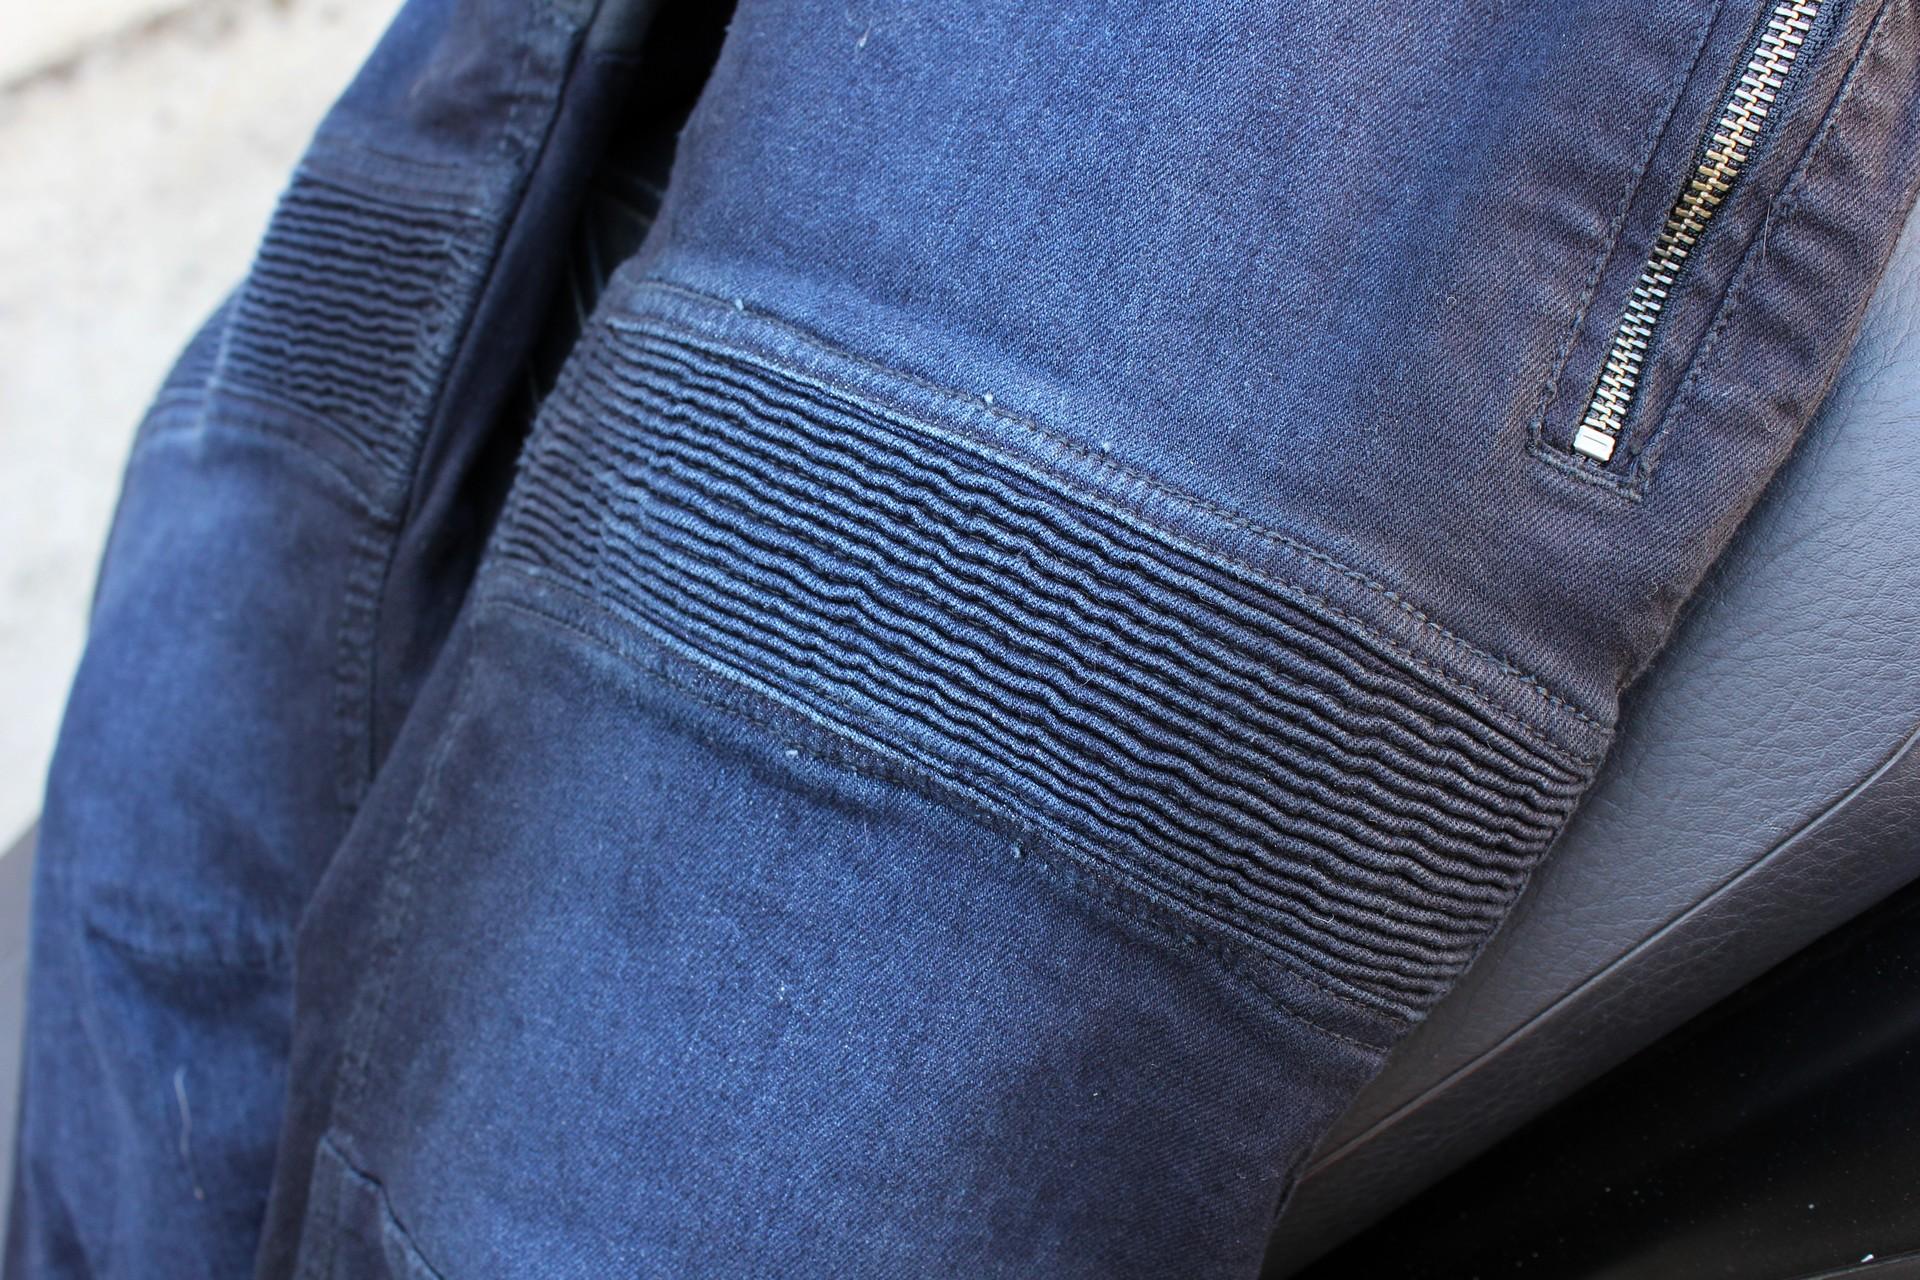 Elástico de movilidad encima de la rodilla - Pantalón vaquero DXR Boost